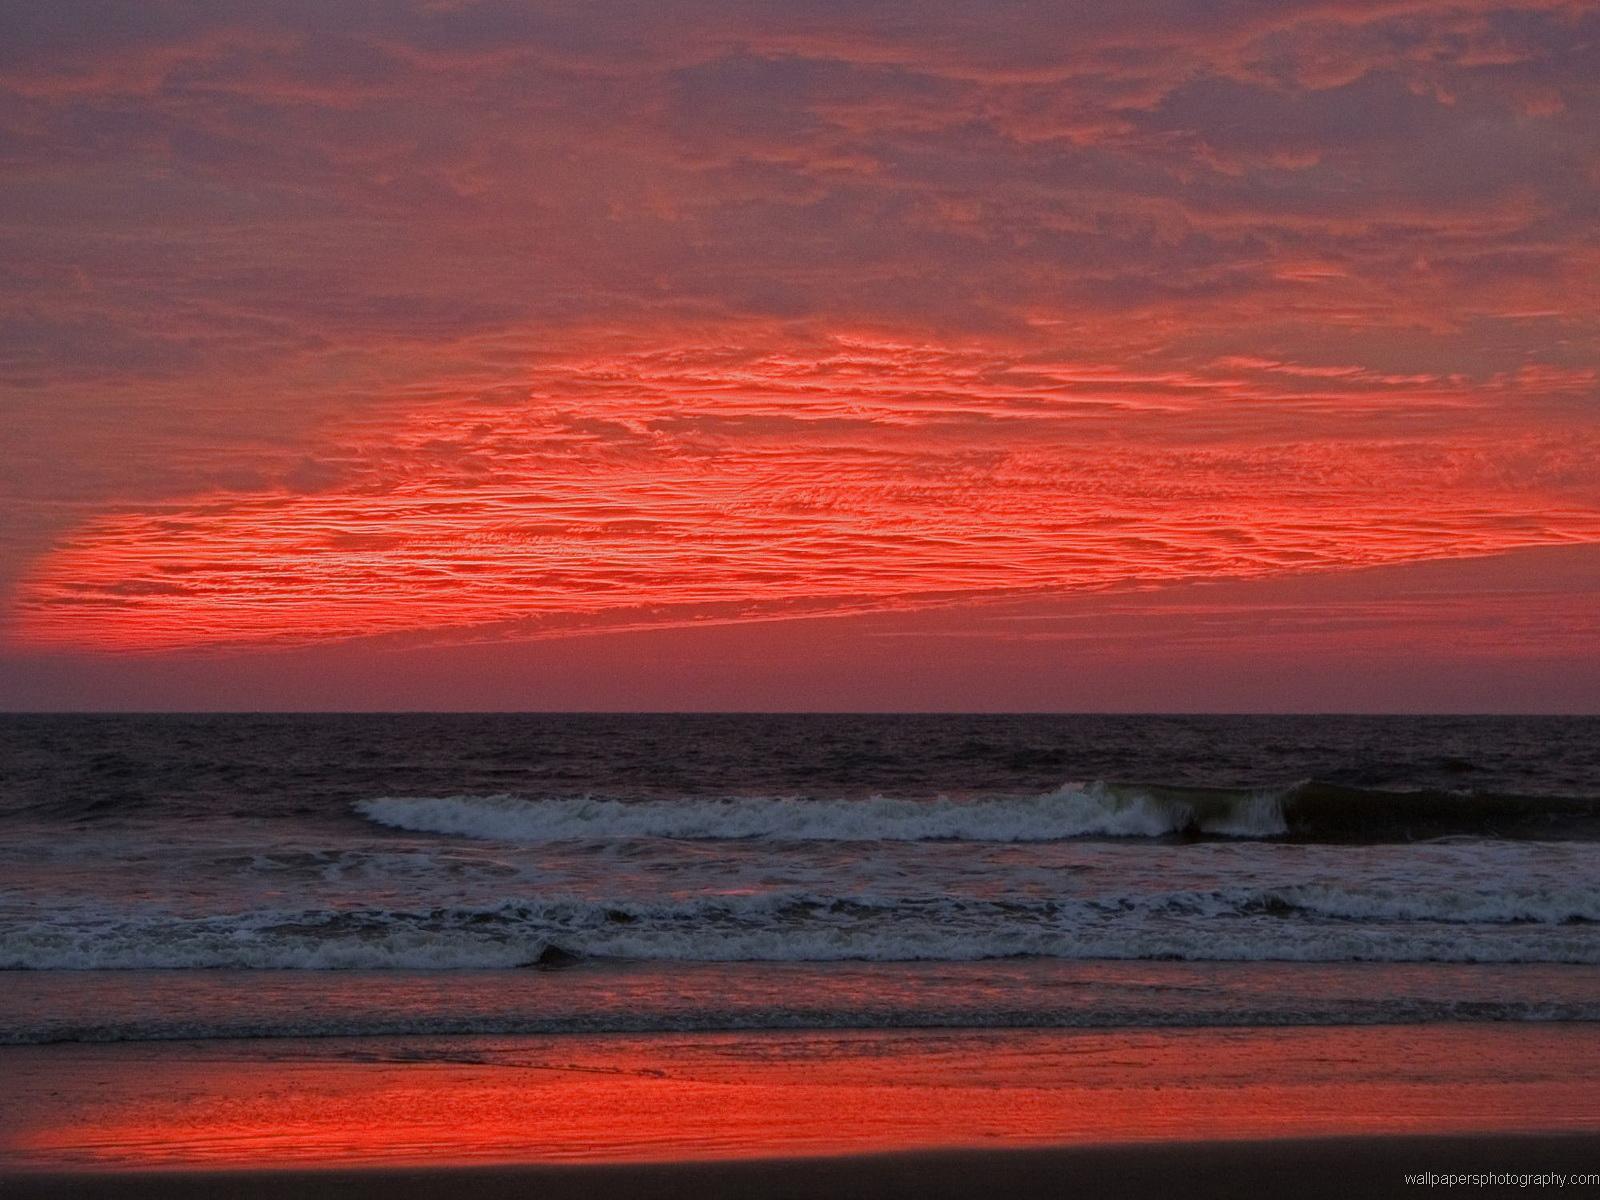 http://3.bp.blogspot.com/_mGkoANc7fi0/TStkVz-KVNI/AAAAAAAABIA/3Q3NJuQ3Fvs/s1600/benaulim_beach_at_sunset_goa_india.jpg